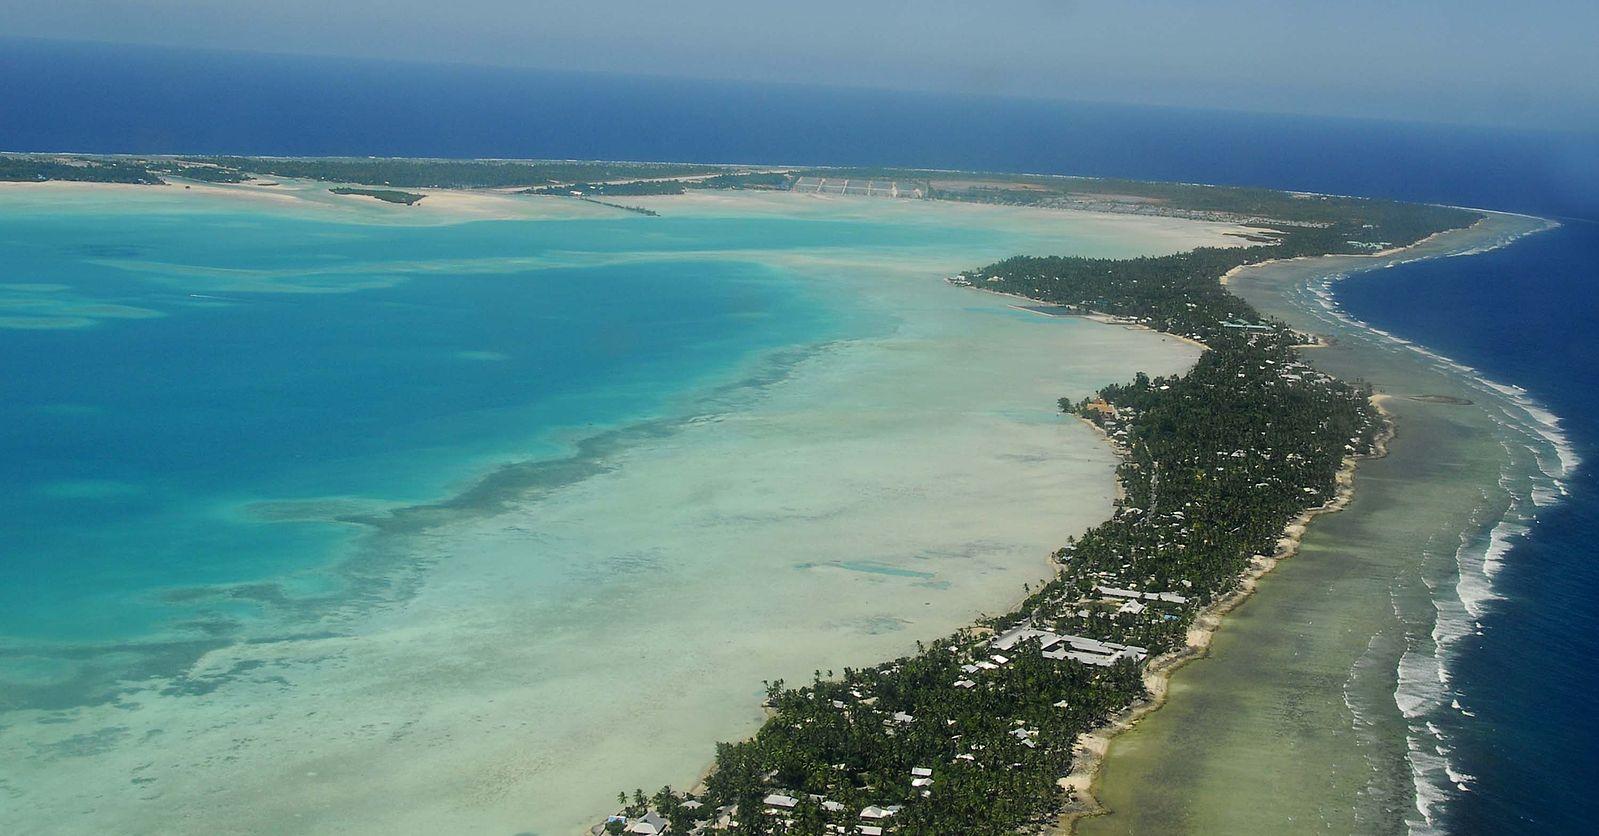 時隔17年後,中共在太平洋島國基里巴斯(Kiribati)重新開設大使館,引發關注。圖為基里巴斯的塔拉瓦環礁(Tarawa)。(Government of Kiribati employee /Wikimedia commons)